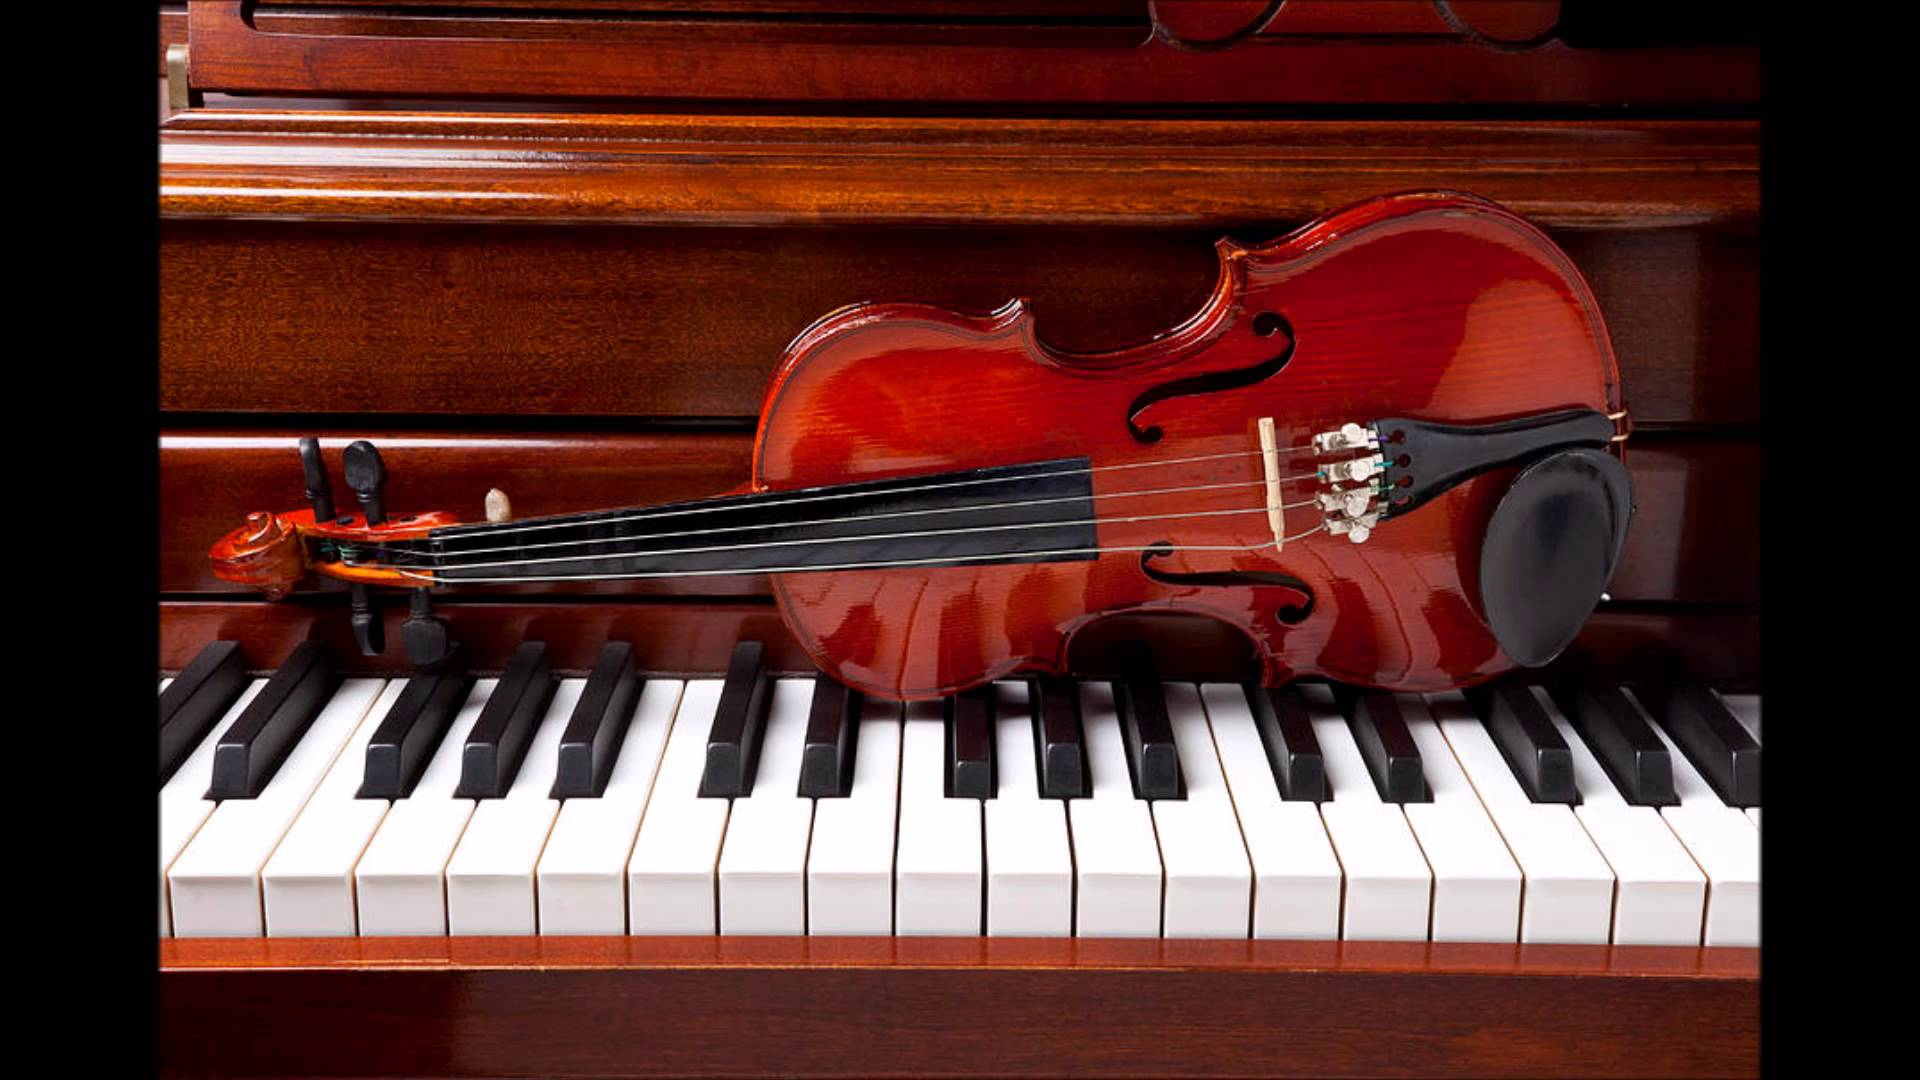 Download Violin Piano Wallpaper Widescreen 10h 1920x1080 Px 16238 KB